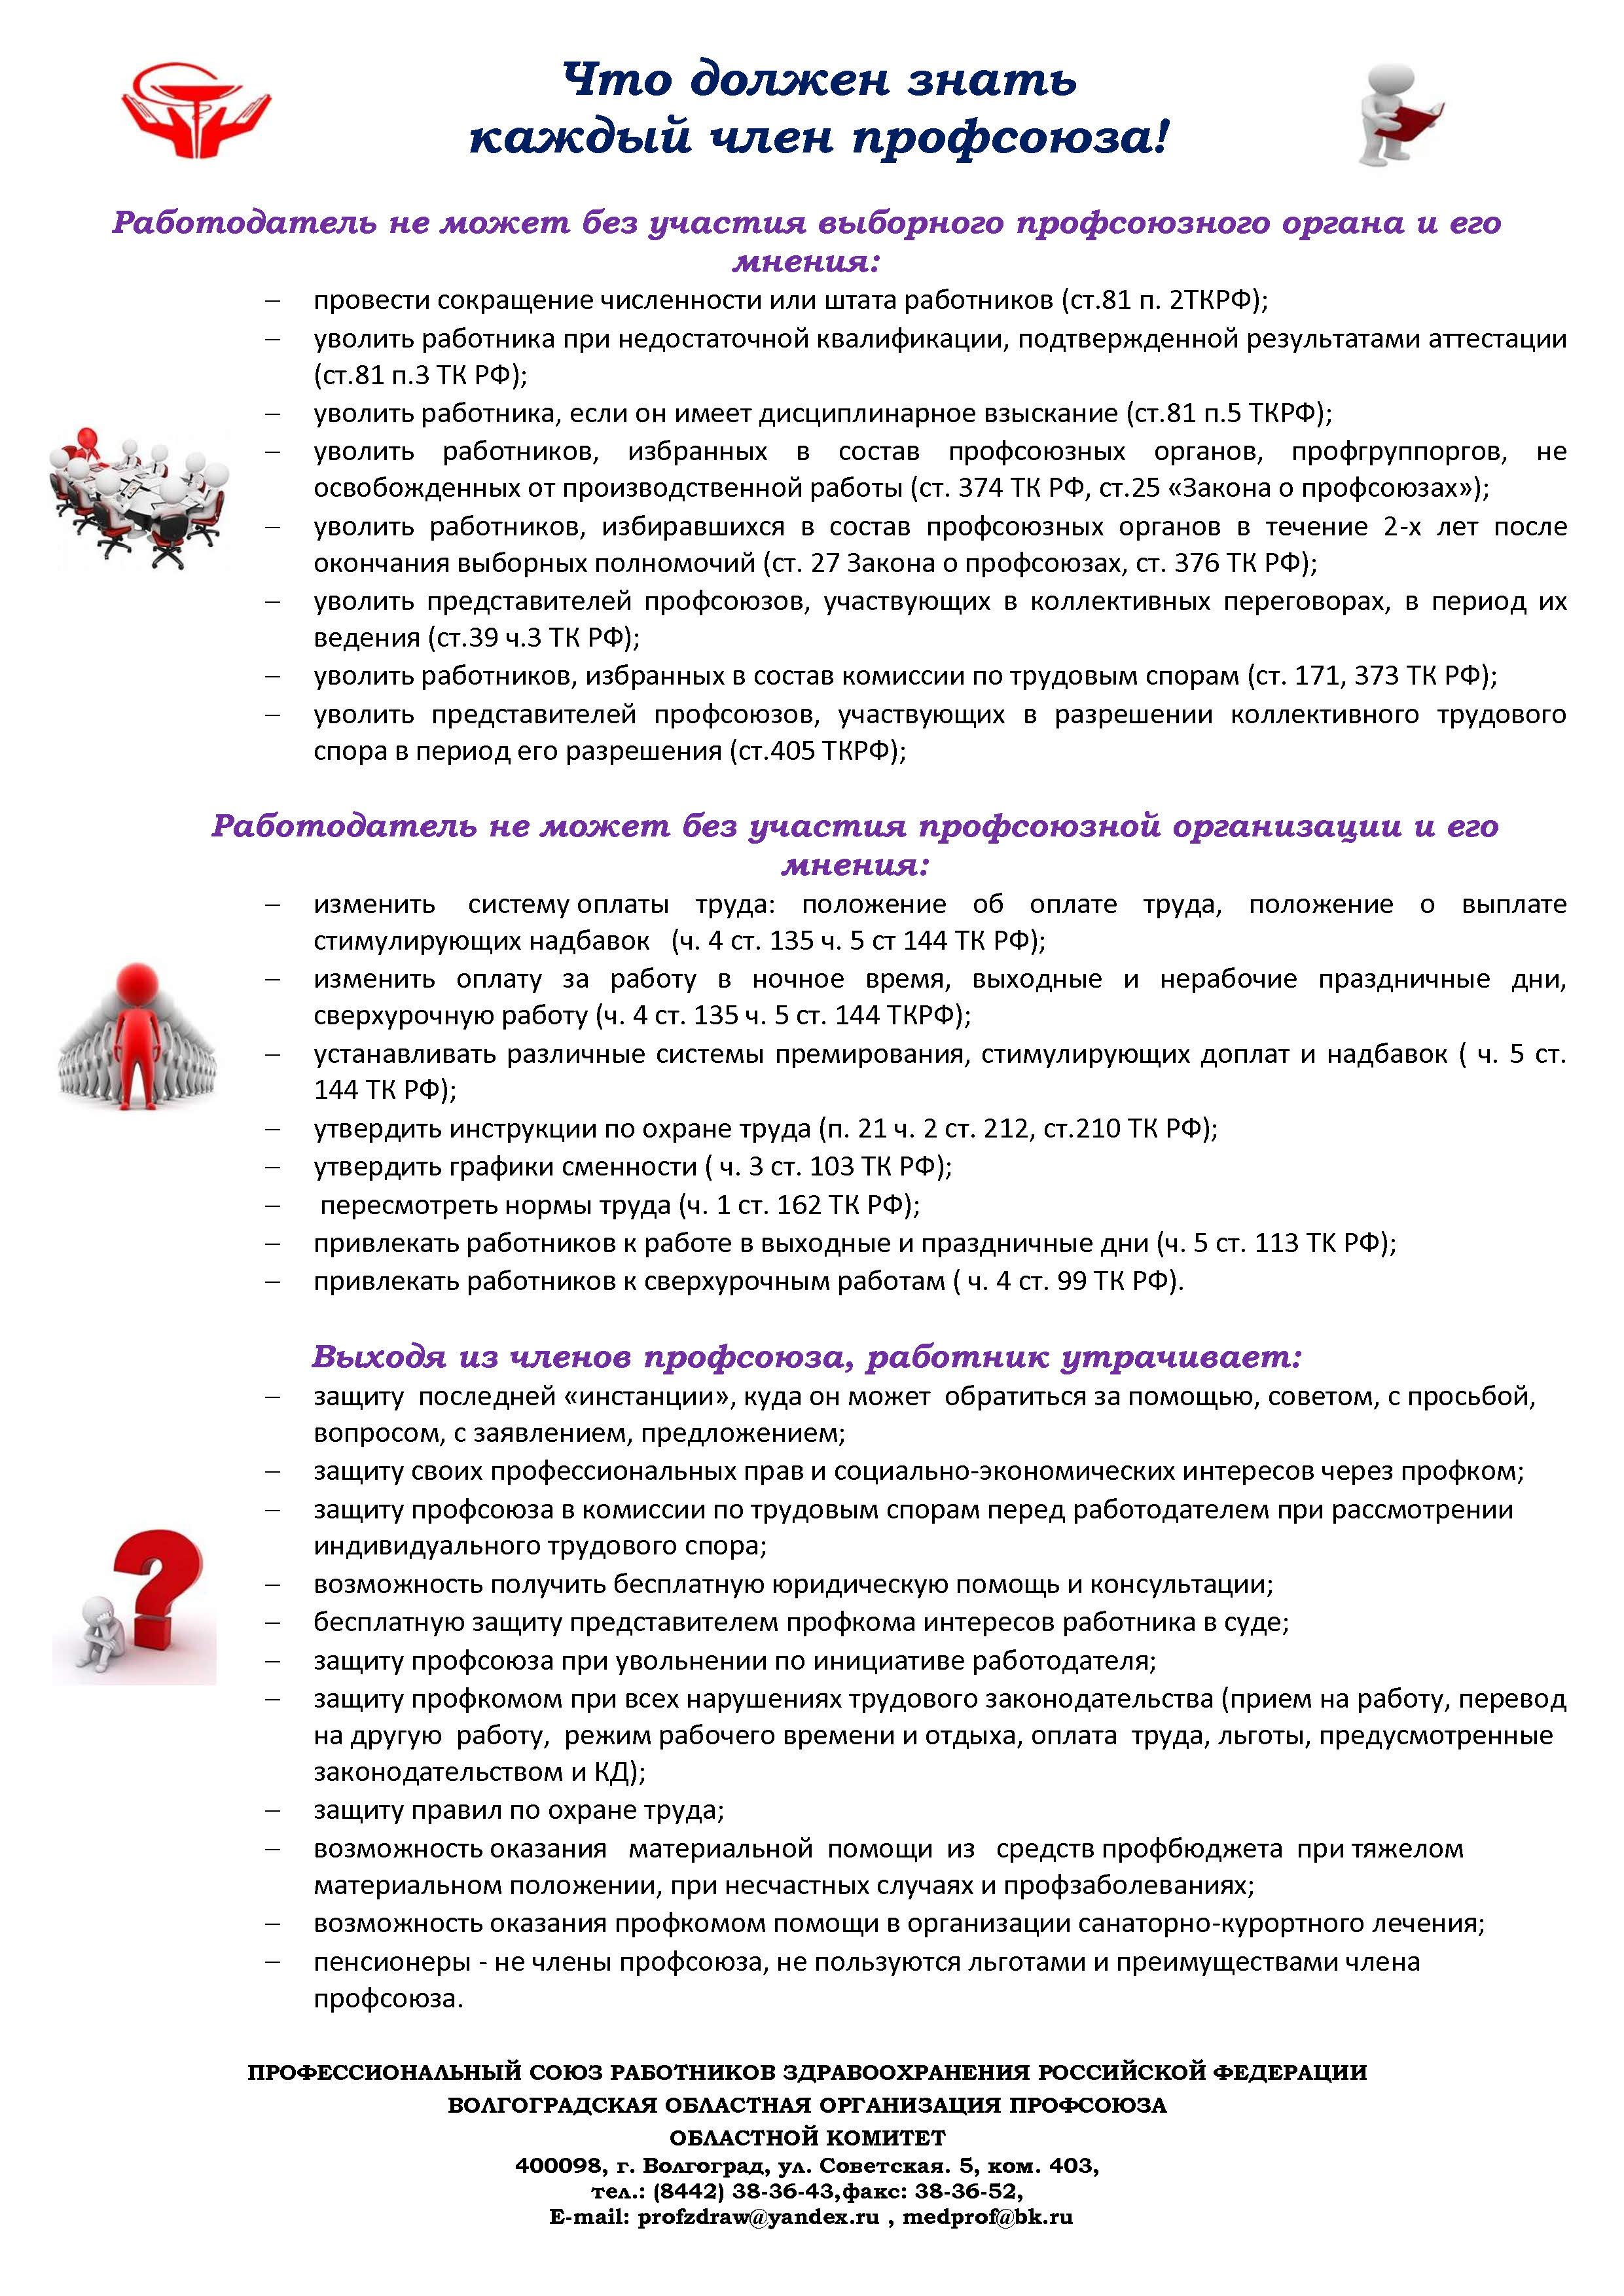 Офтальмологический центр областной больницы ярославль